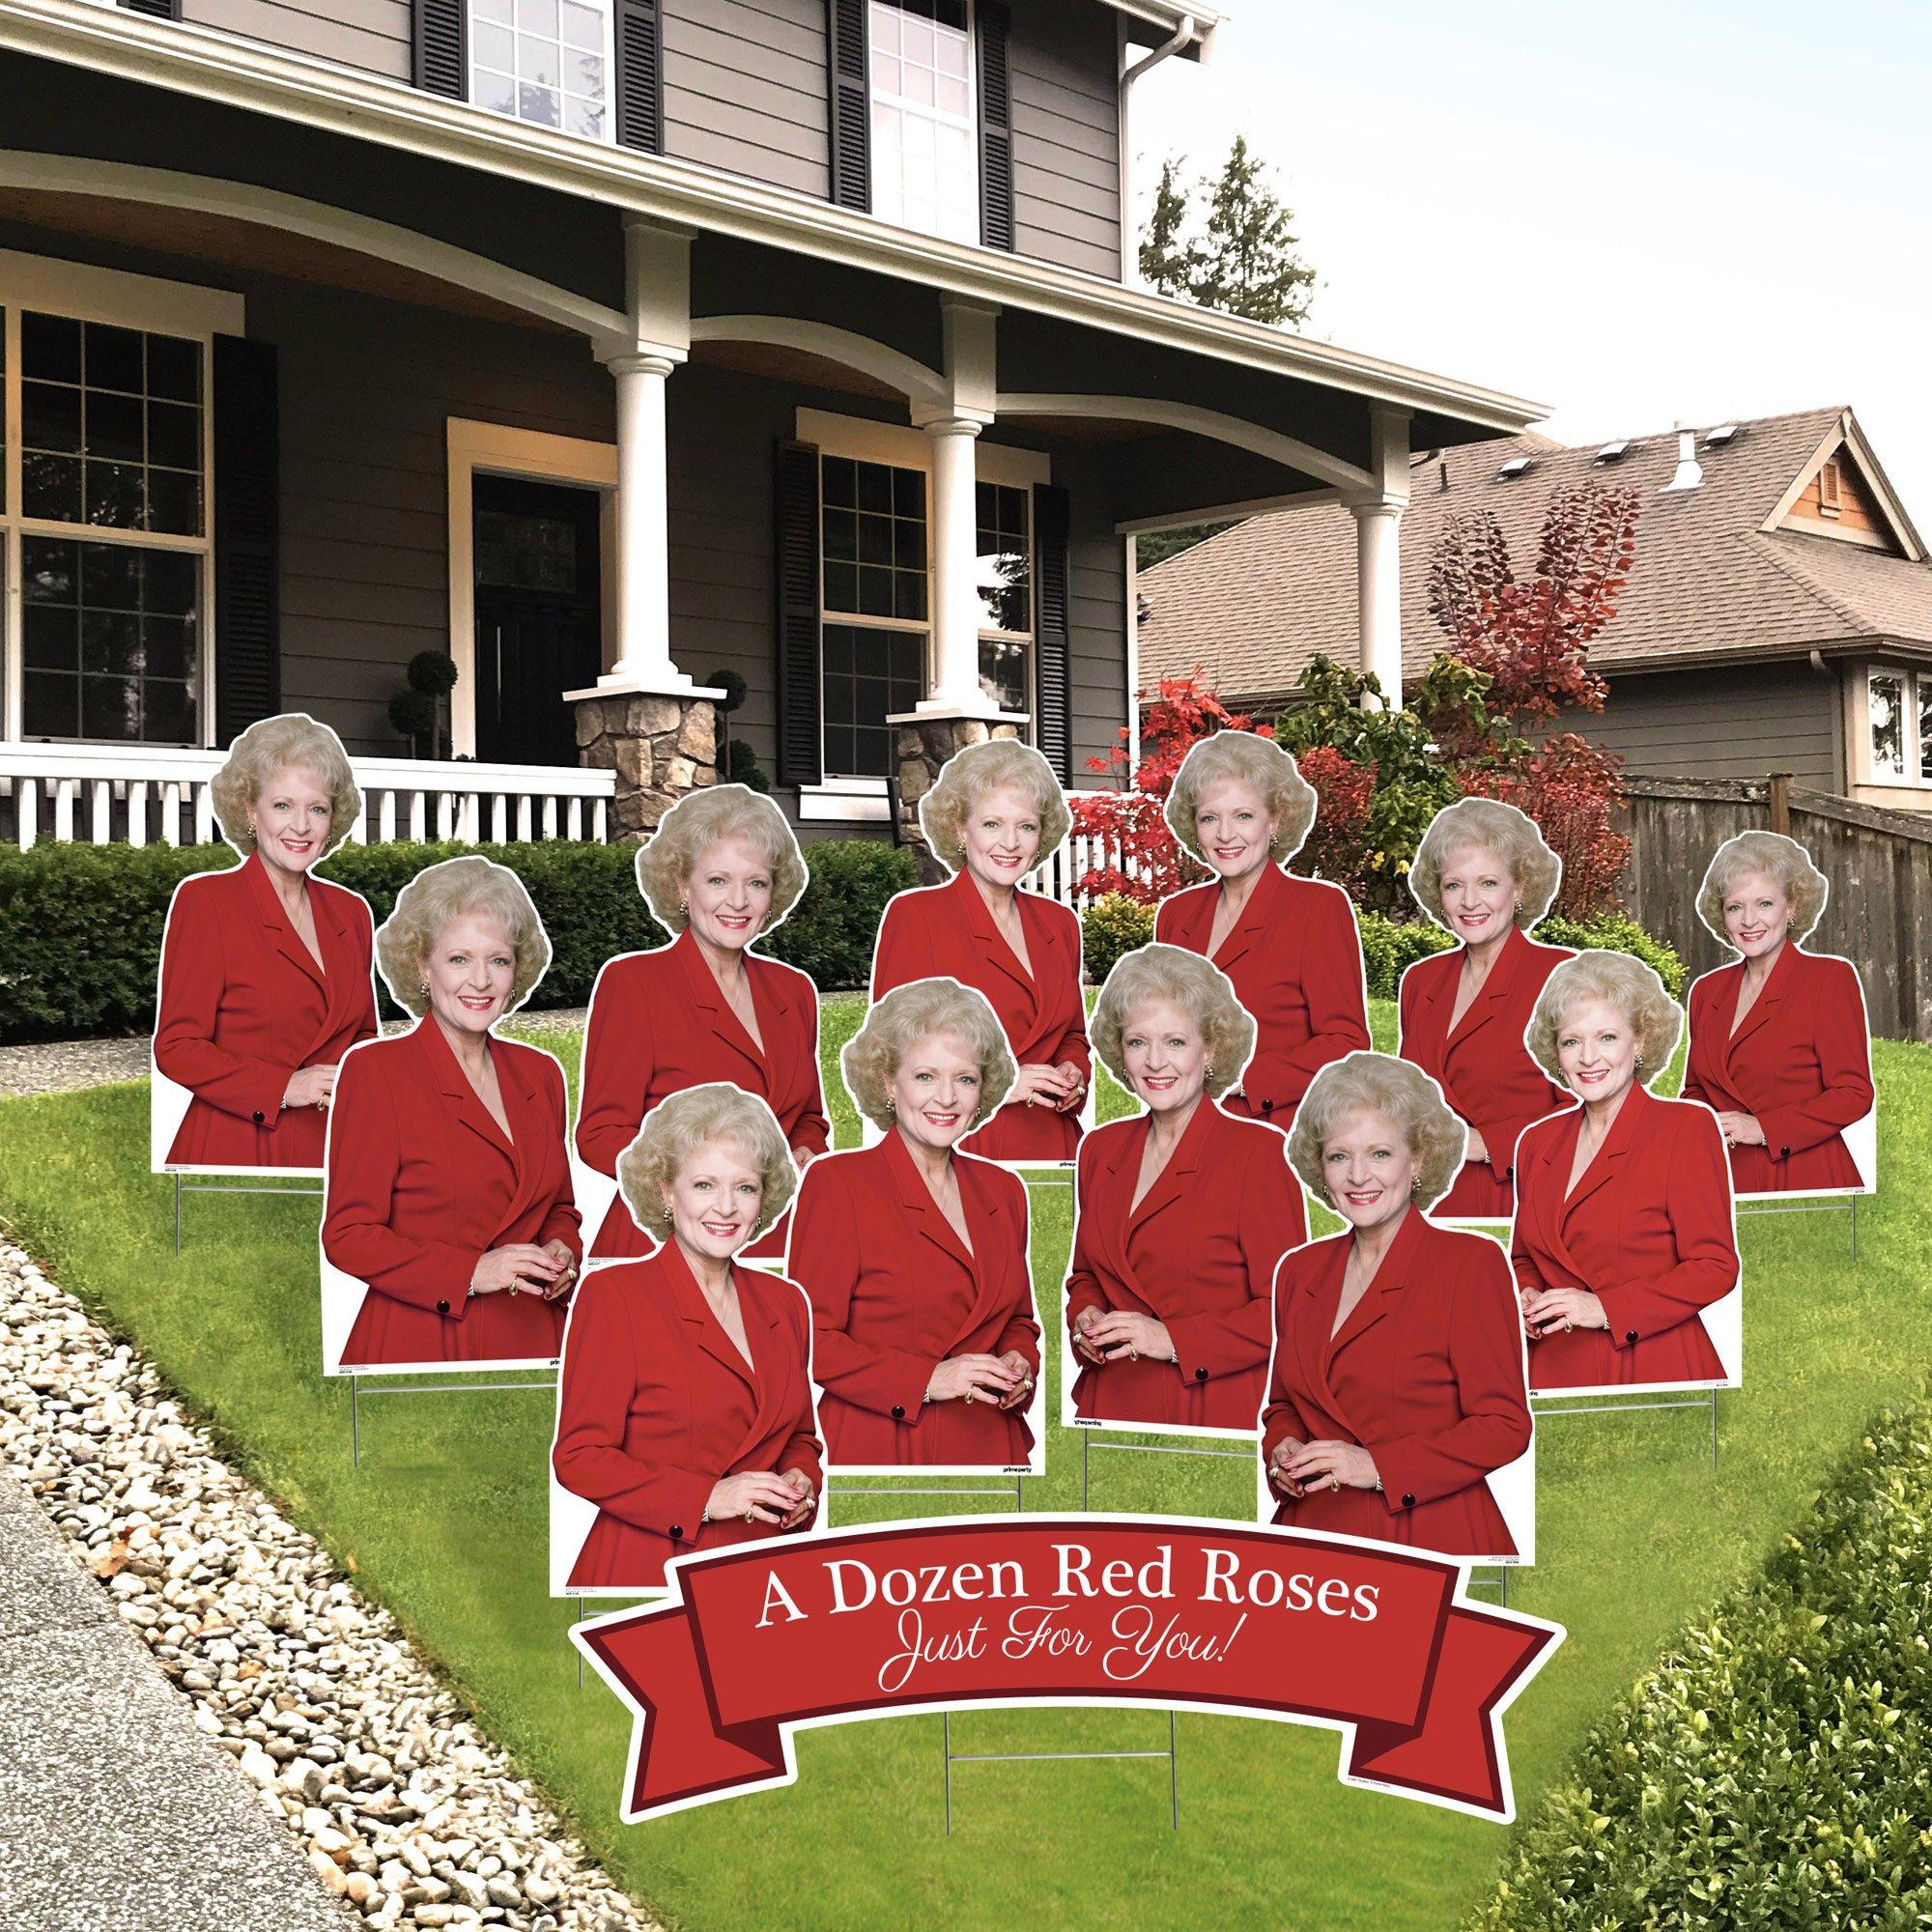 a dozen roses golden girls signs